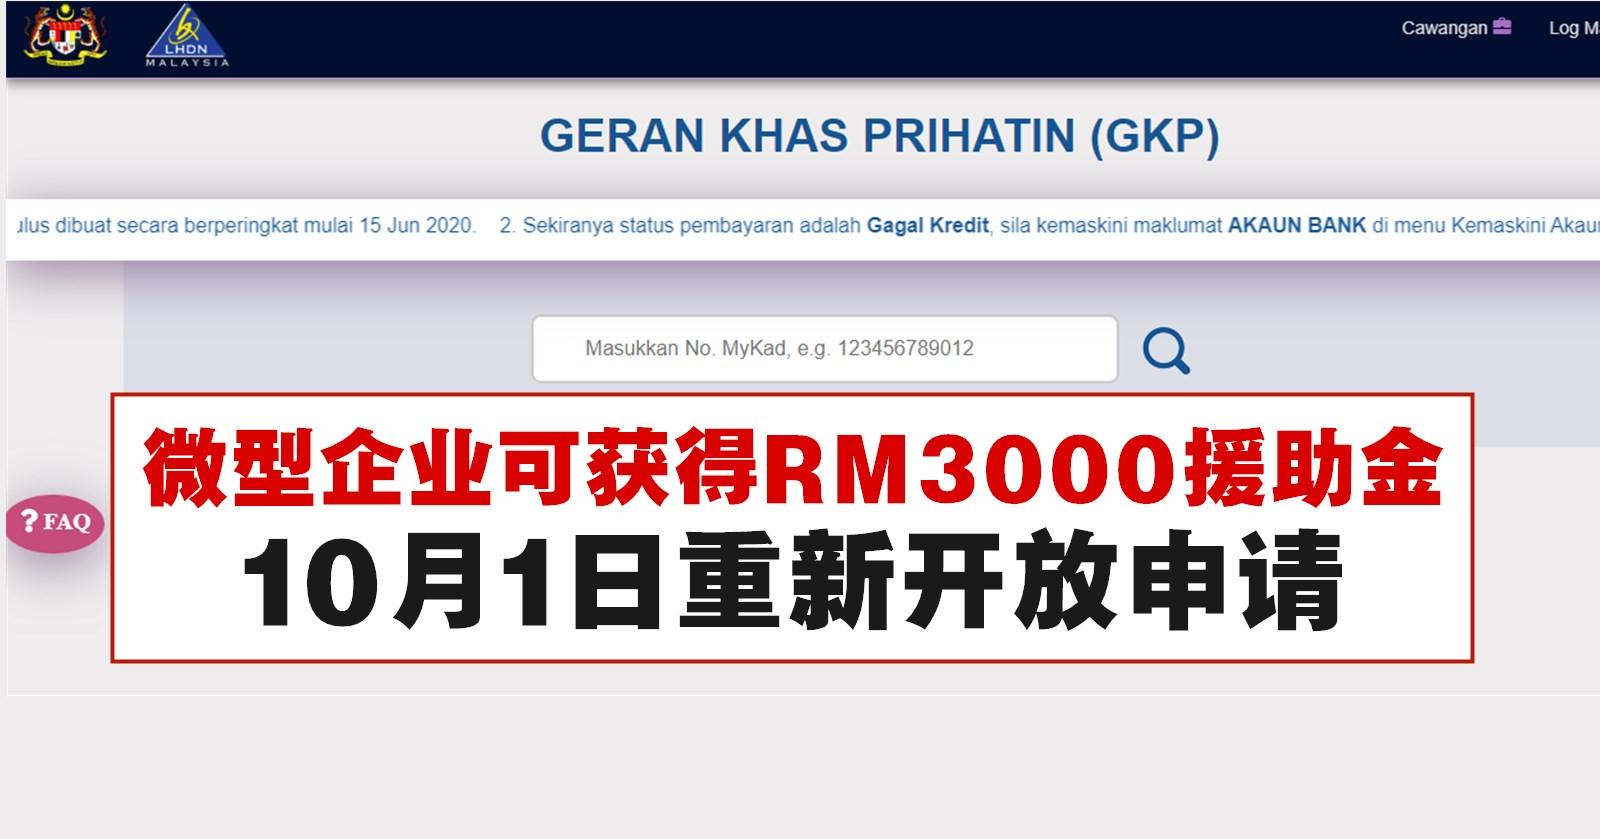 微型企业可获得RM3000援助金,10月1日开放申请